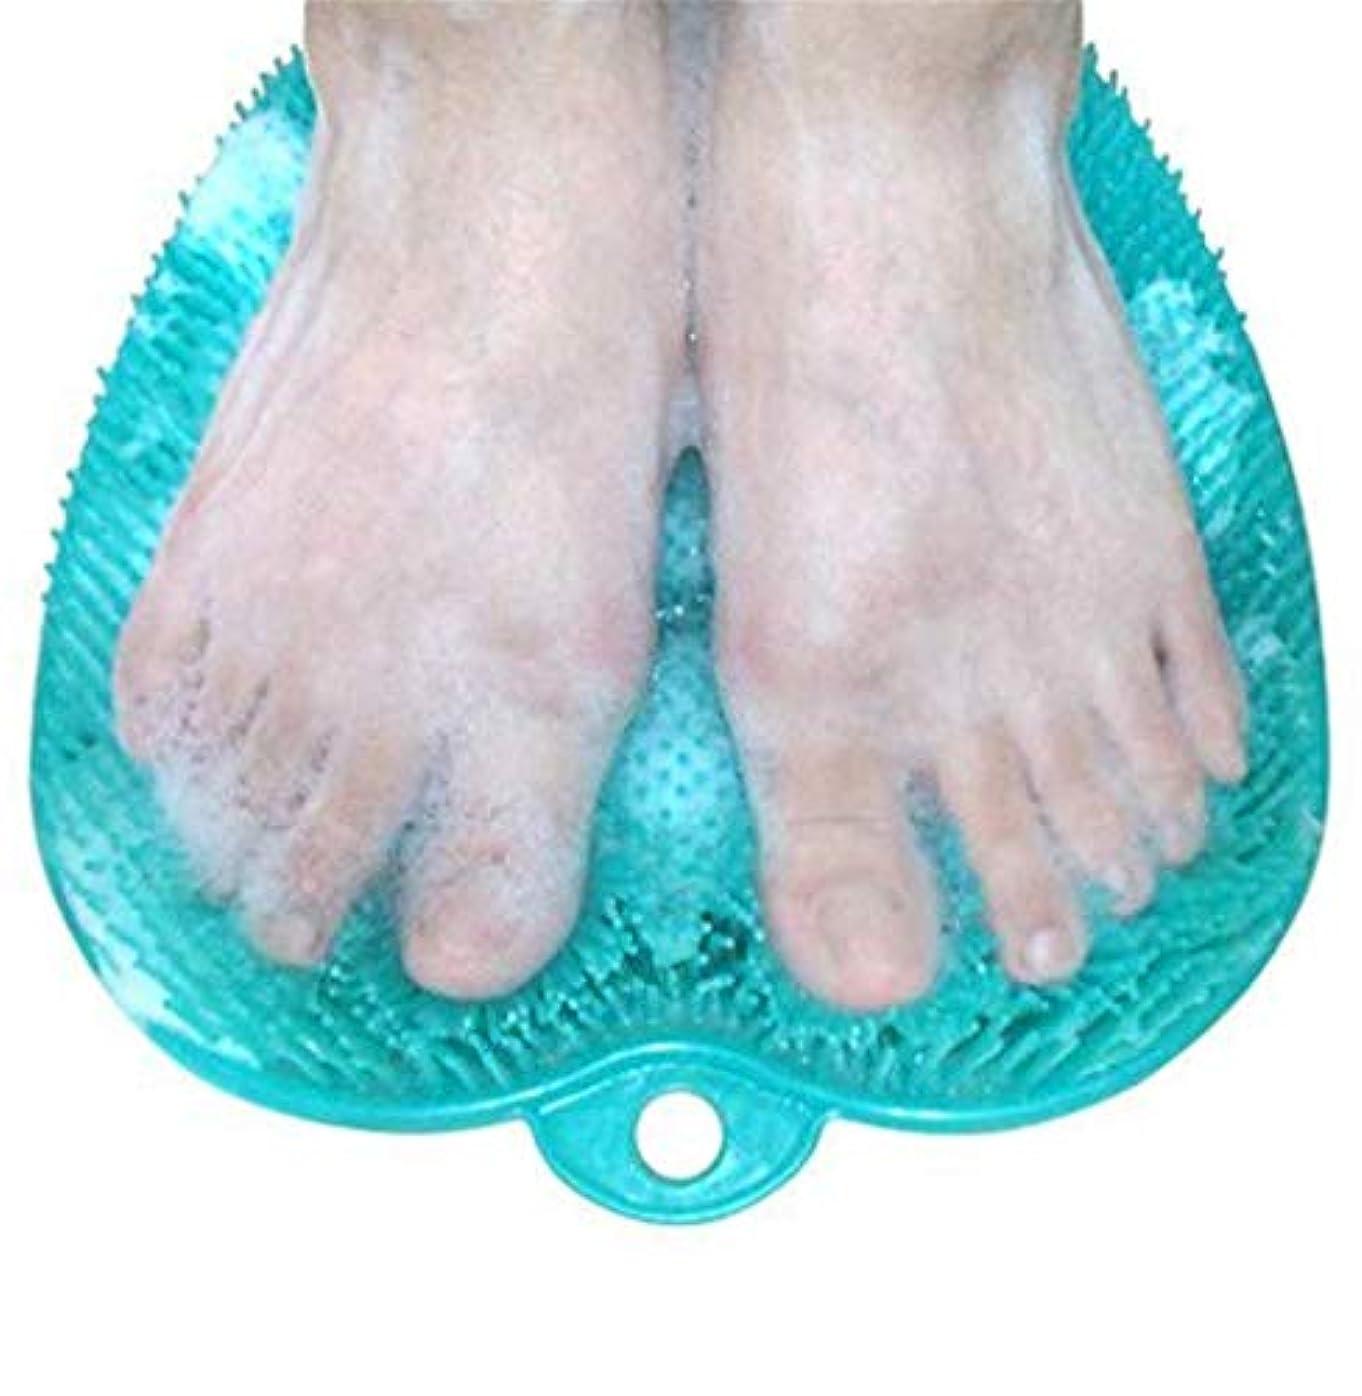 報復障害者滑り止めの吸引のコップが付いているNewthinkingのフィートのスクラバーの洗剤のマッサージャーのマッサージャーのブラシおよびフットケアのための柔らかい足の指圧のマッサージのマット